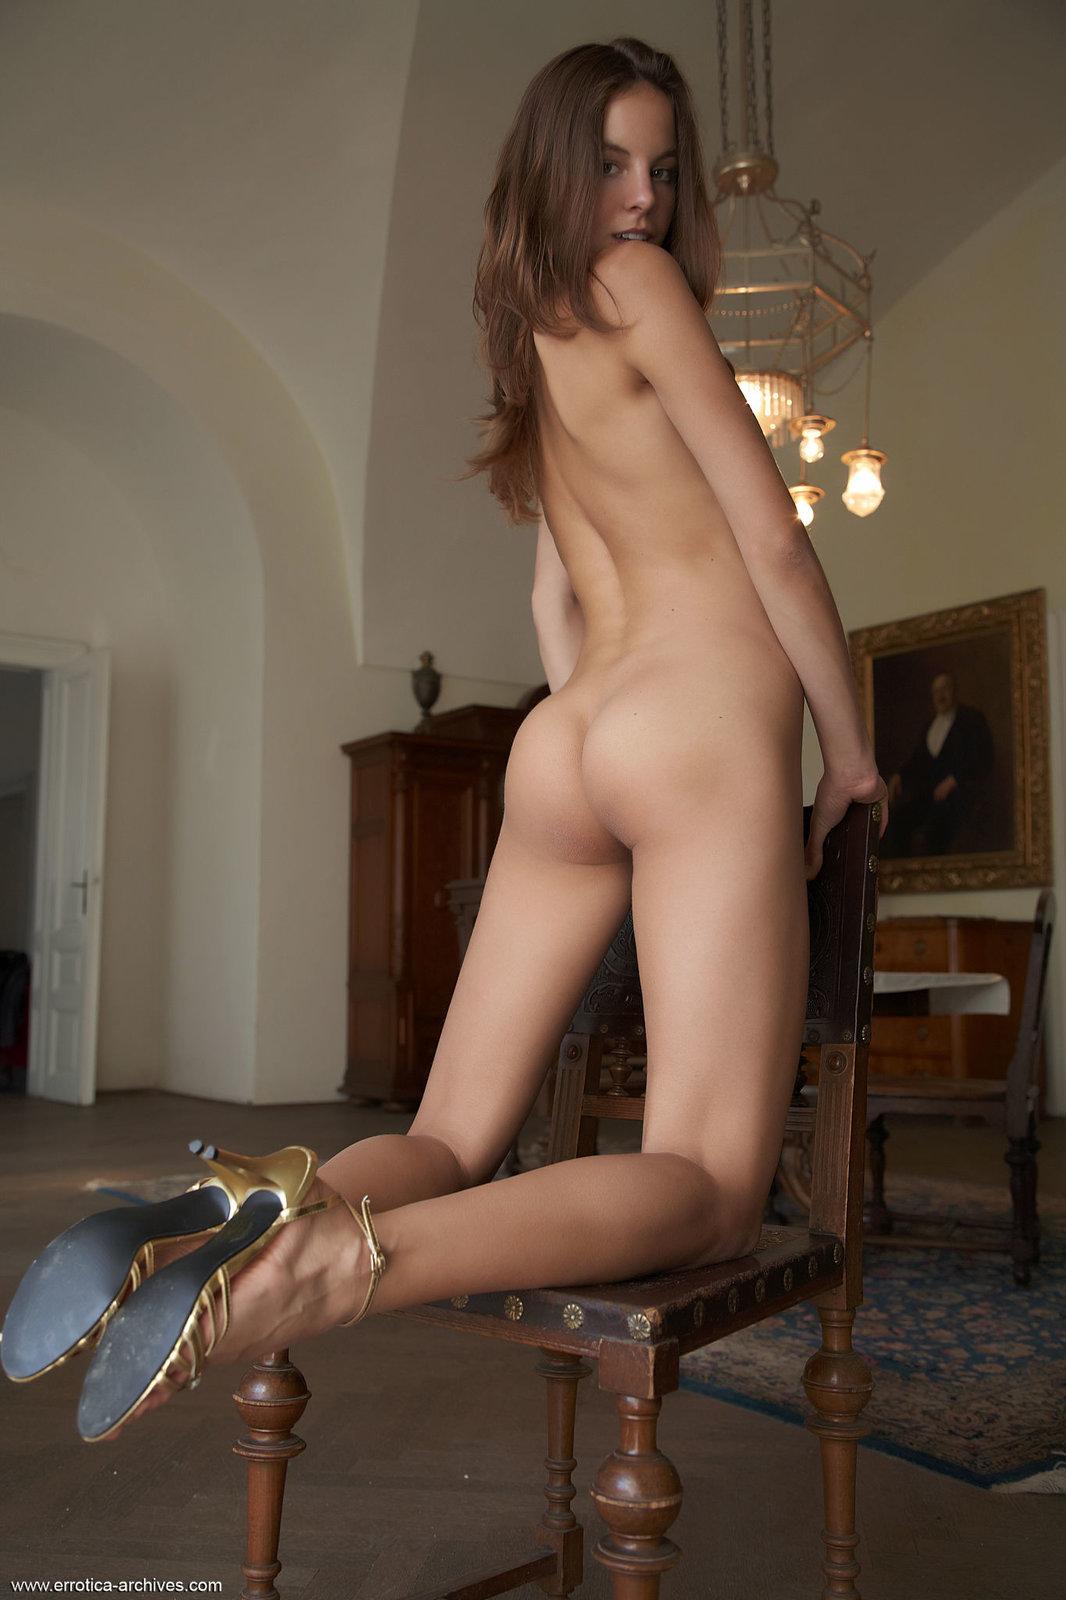 Zdjęcie porno - 091 - Pokaz na krześle